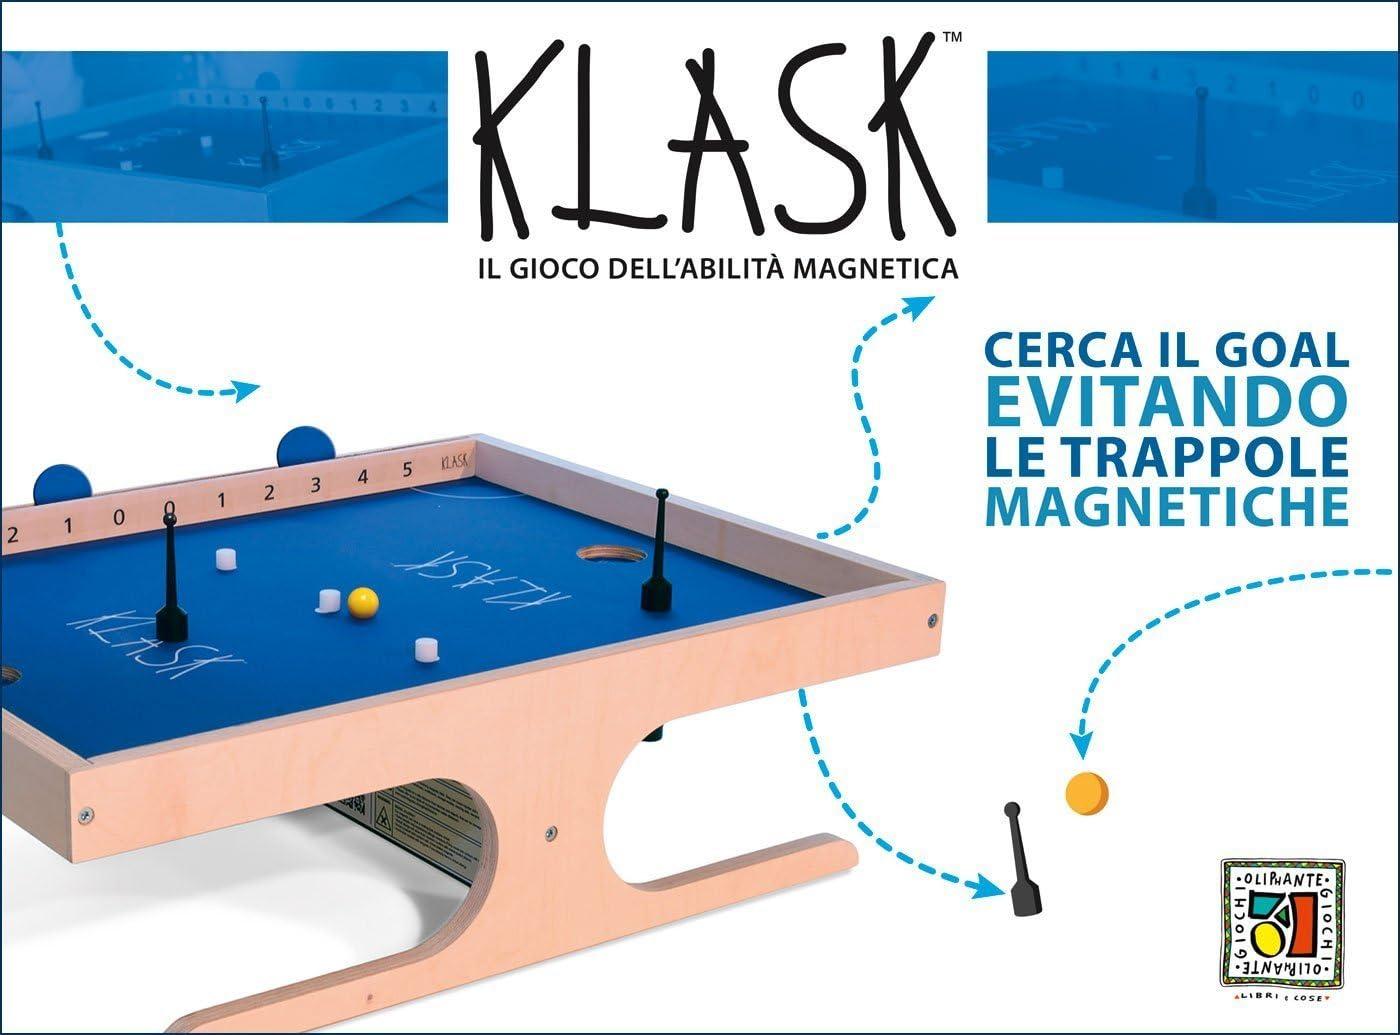 Oliphante Klask - Juego magnético de Habilidad, Multicolor, 2390105: Amazon.es: Juguetes y juegos